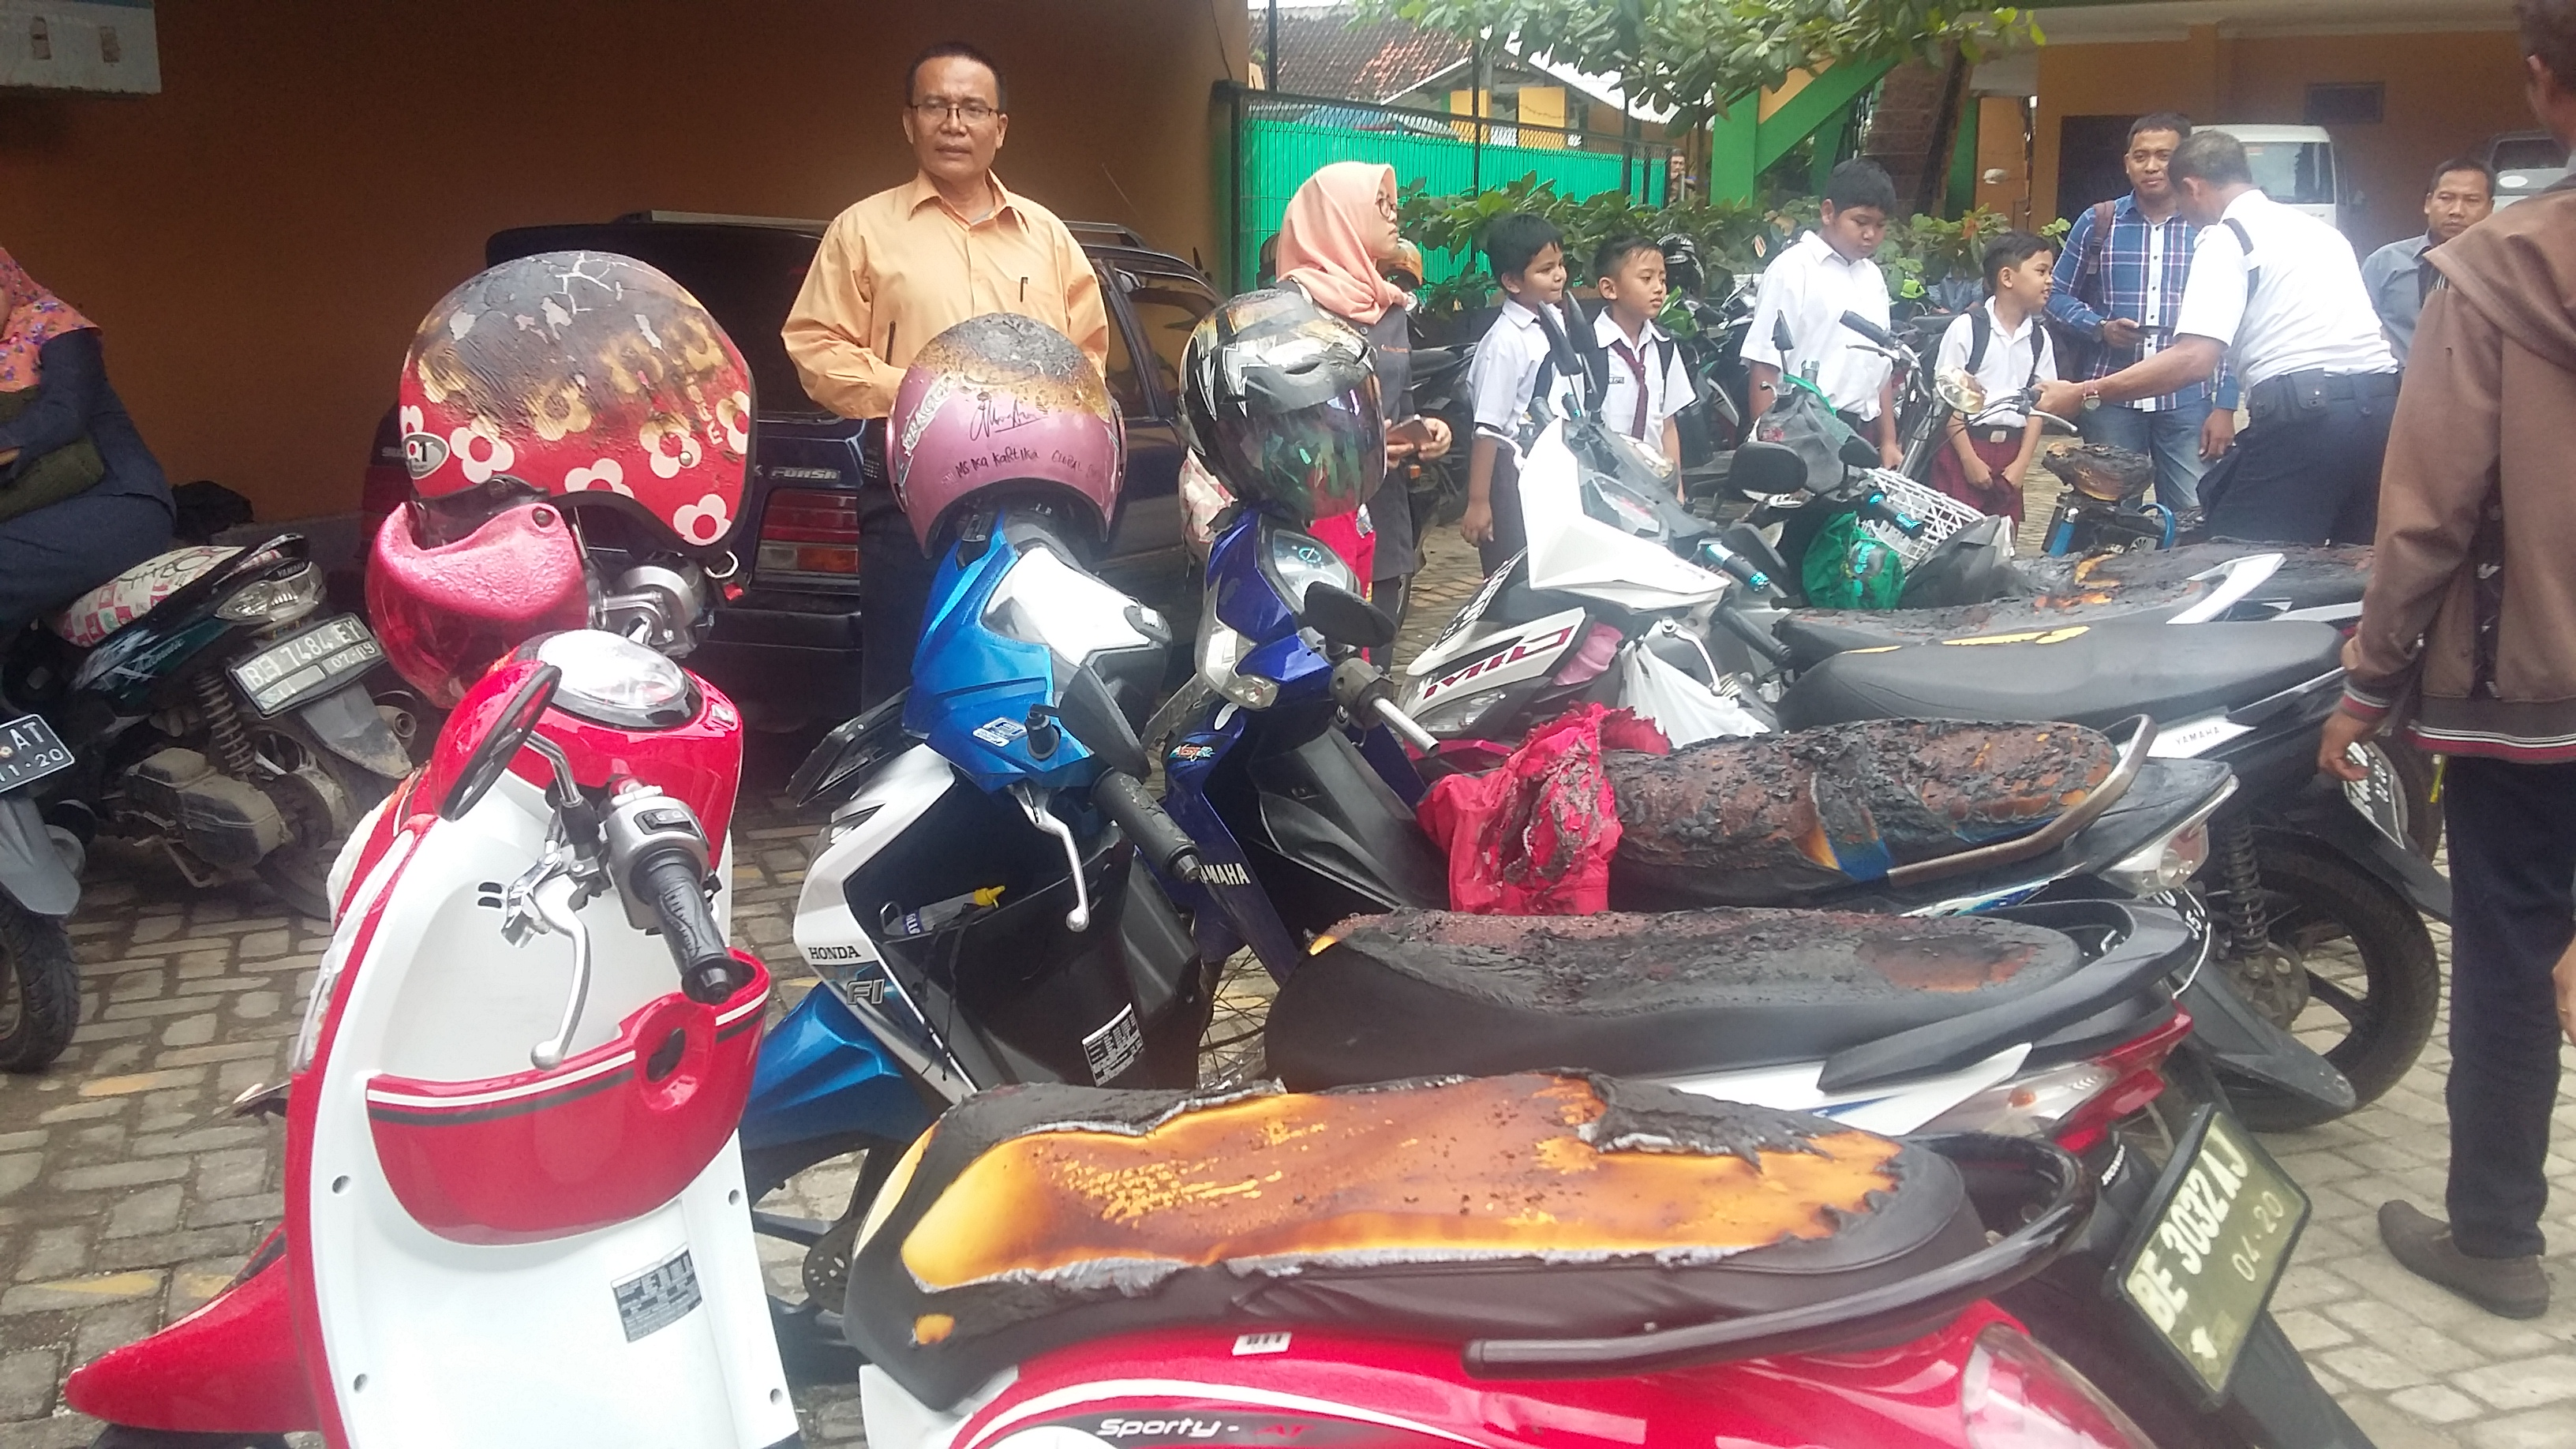 11 unit sepeda motor milik staf Sekolah Global Surya yang ikut terbakar. (Lampungnews/Davit)